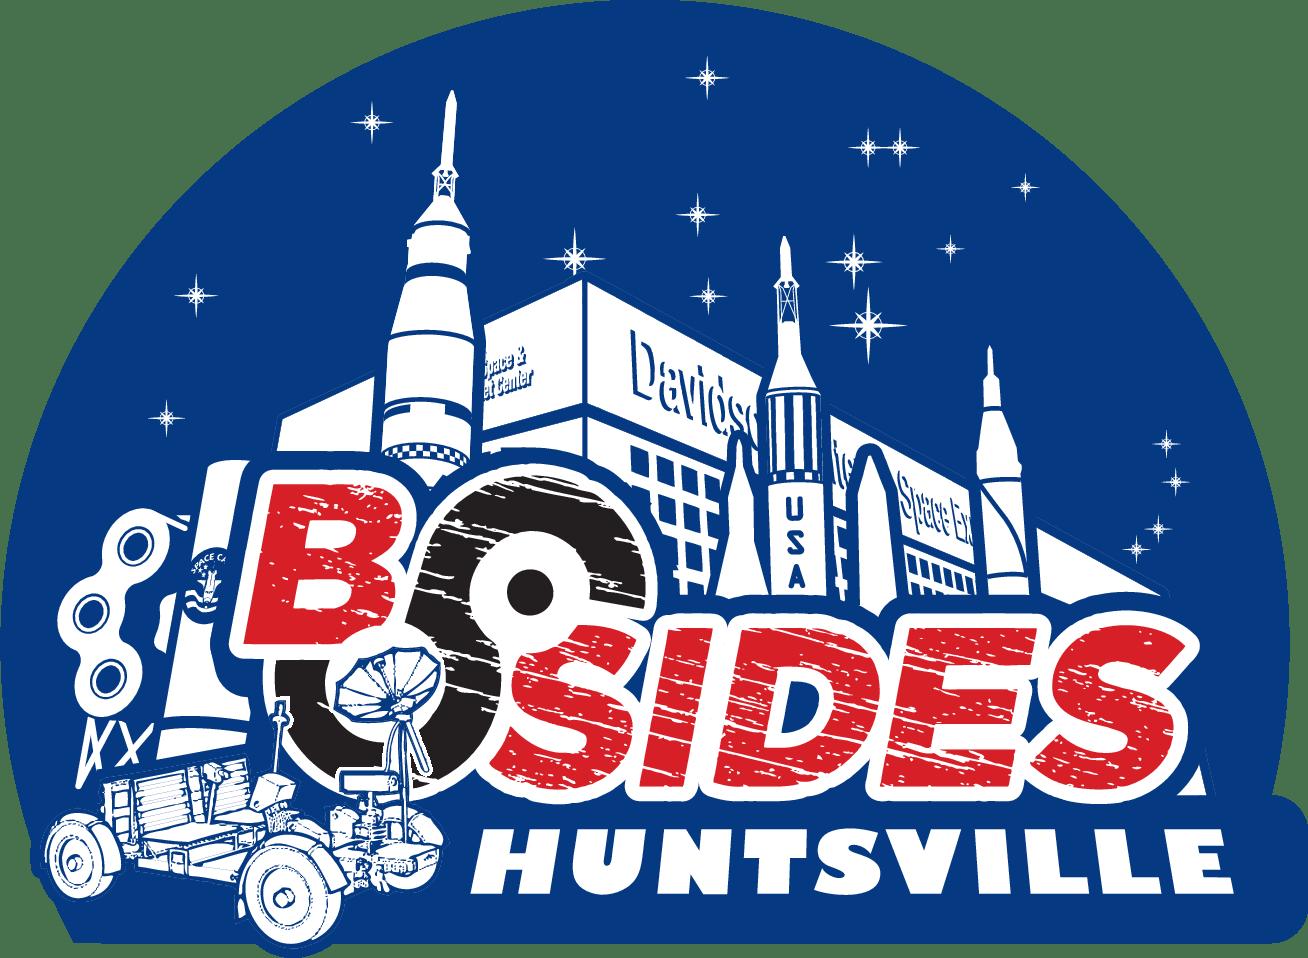 BSidesHuntsville